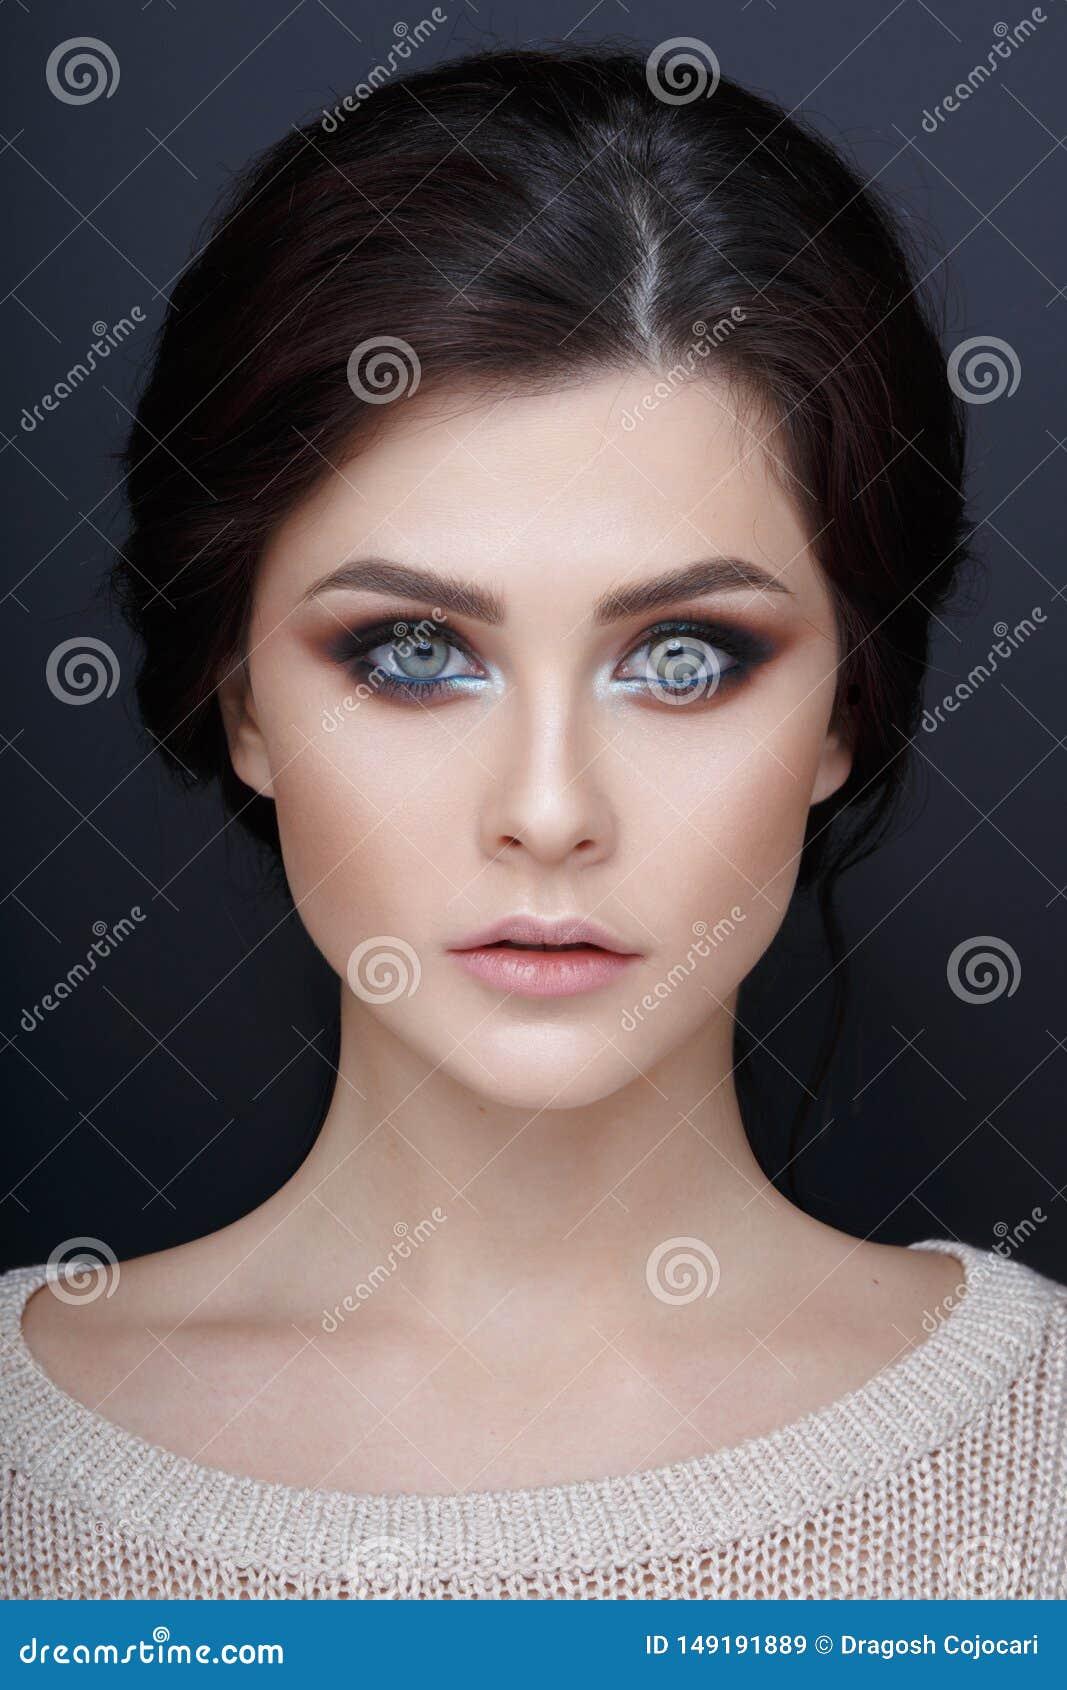 Nahes hohes Portr?t eines beautyful M?dchens mit perfektem Make-up Gesicht eines sch?nen M?dchens, auf einem grauen Hintergrund